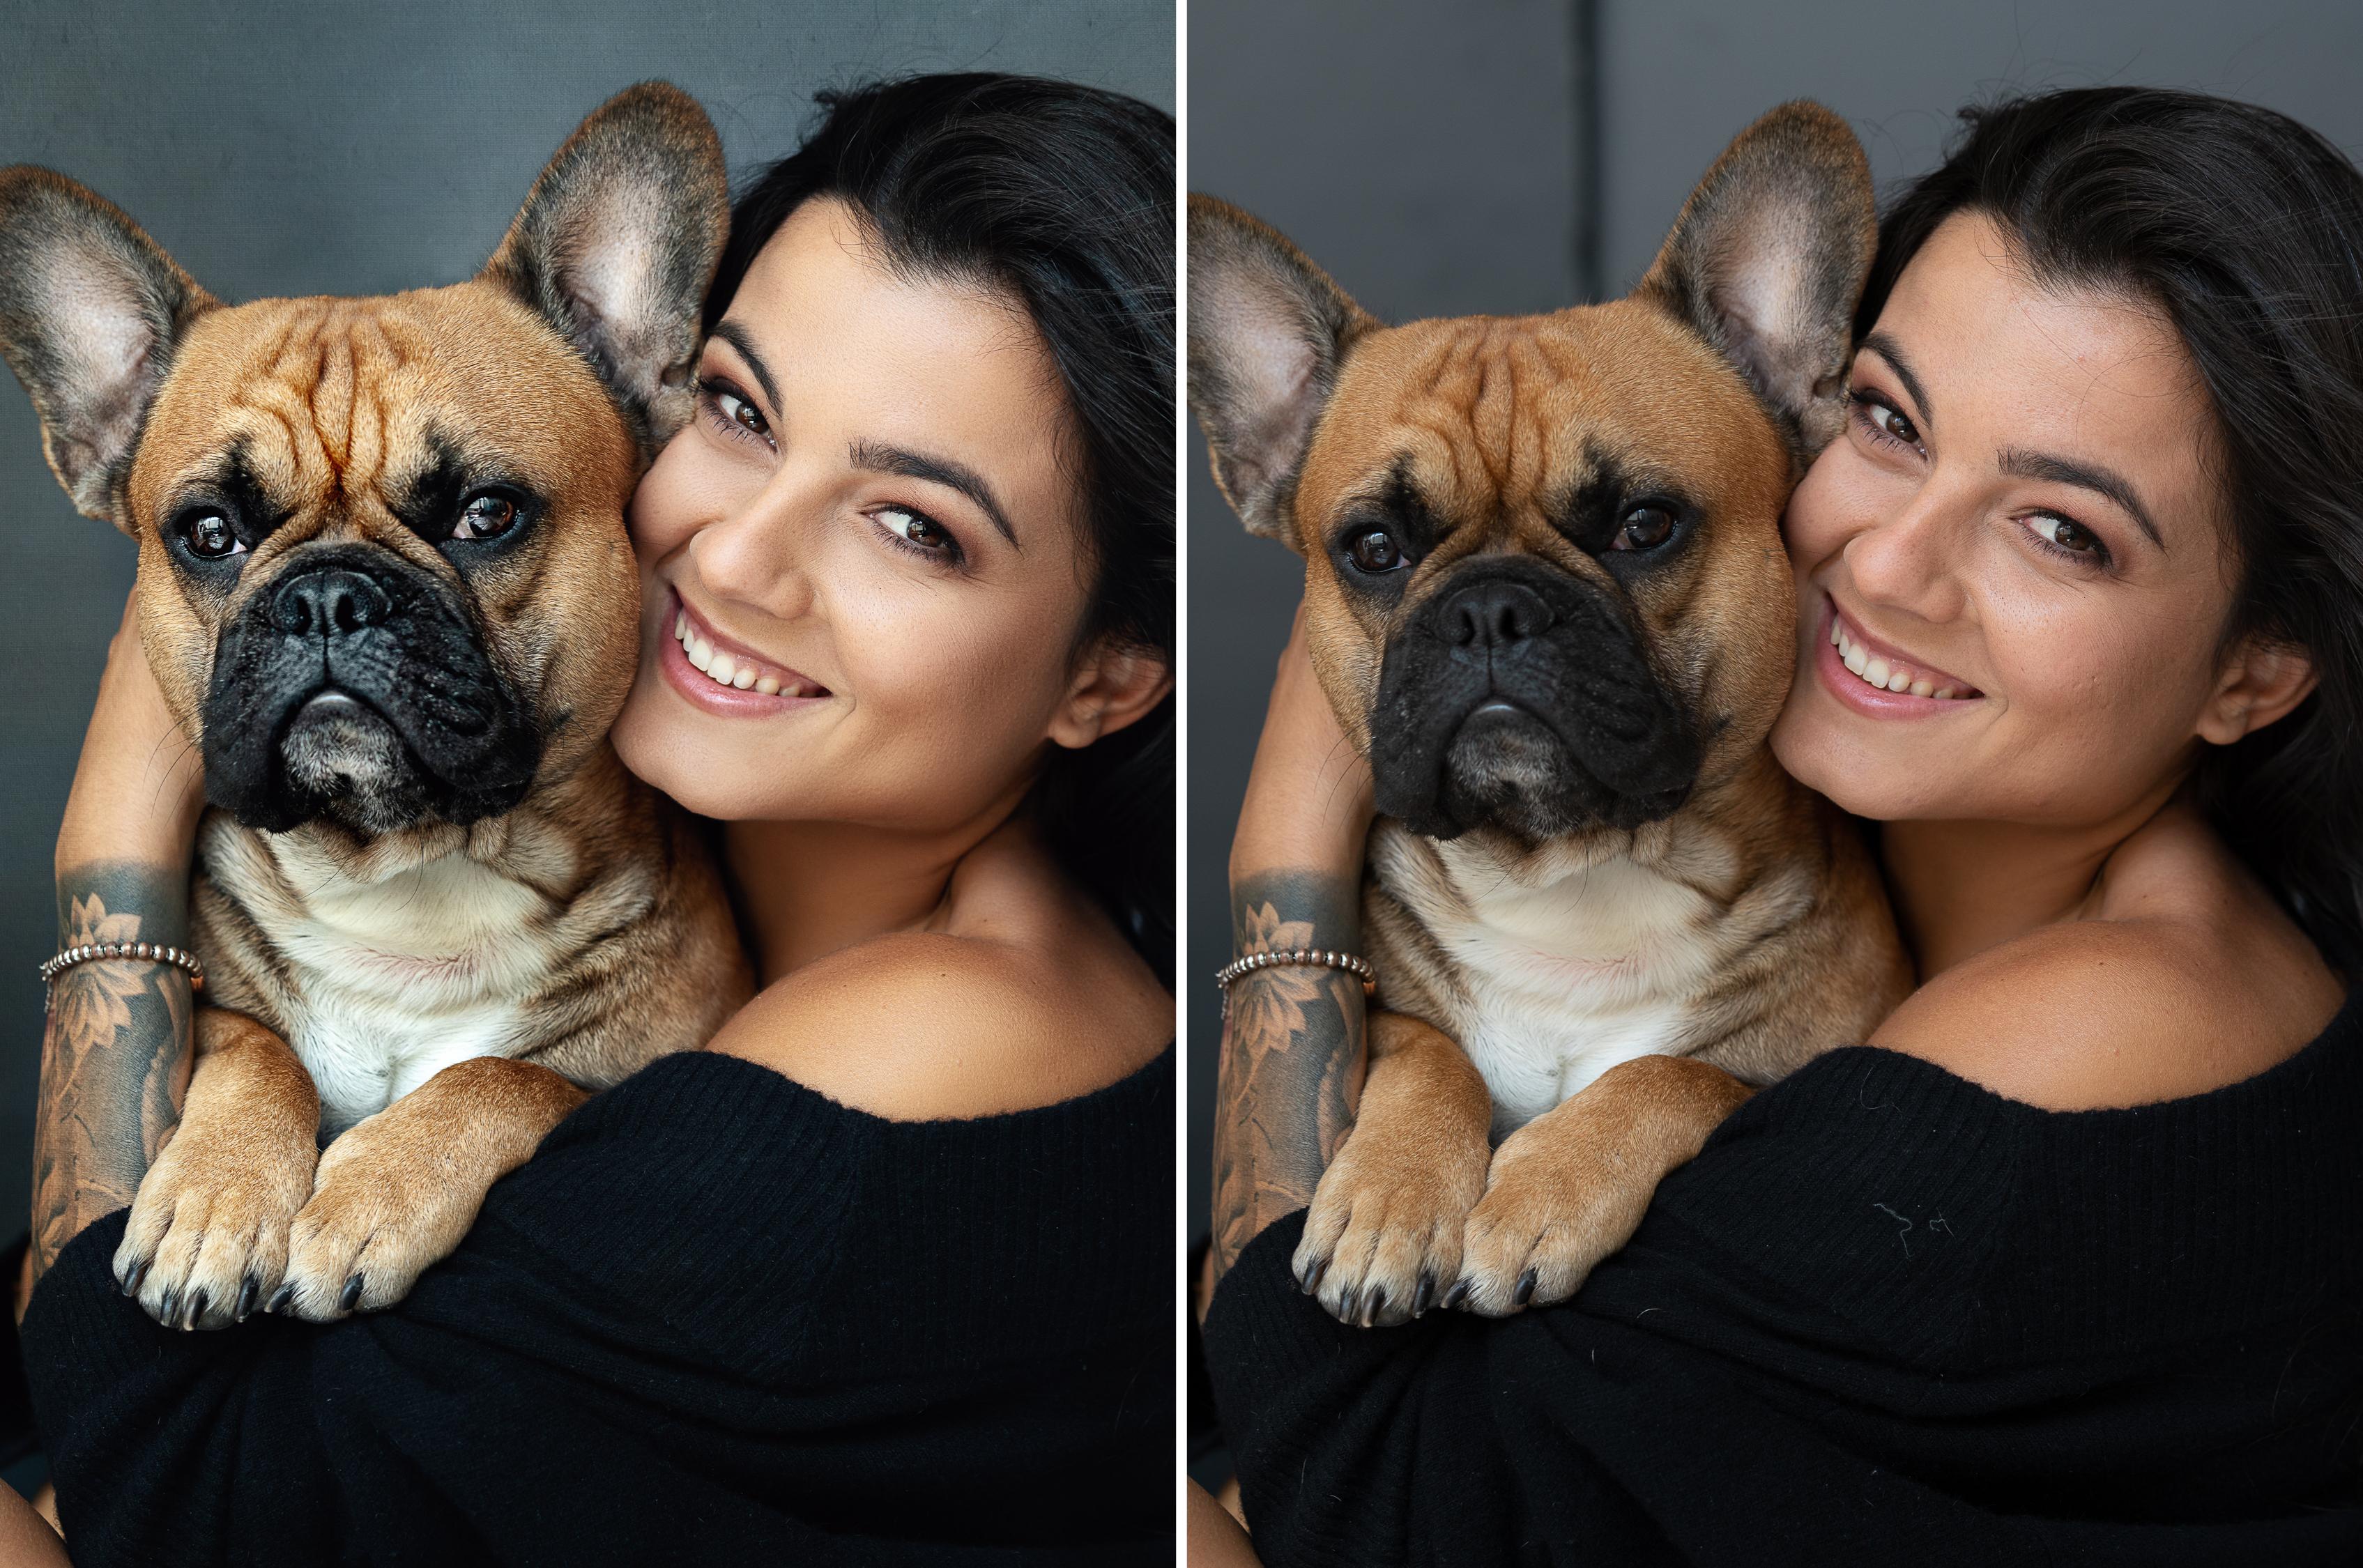 Dog & Owner portrait